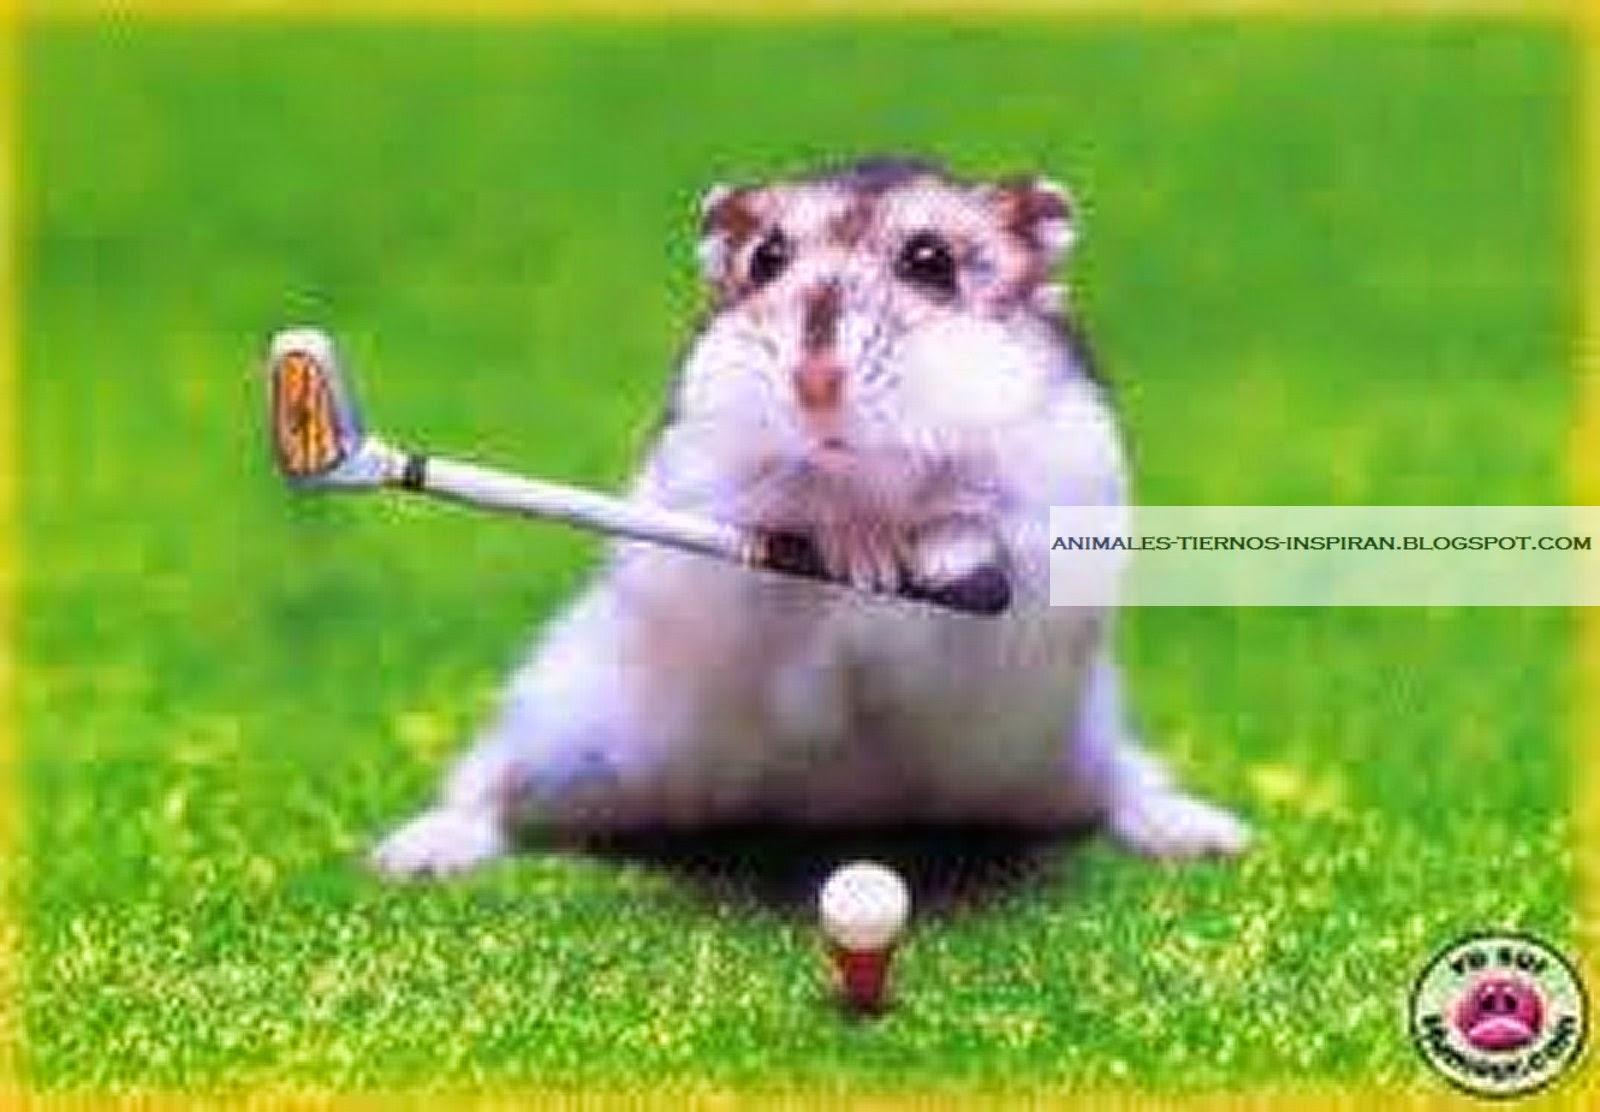 Animales Tiernos Inspiran: imágenes de animales bebes pequeños